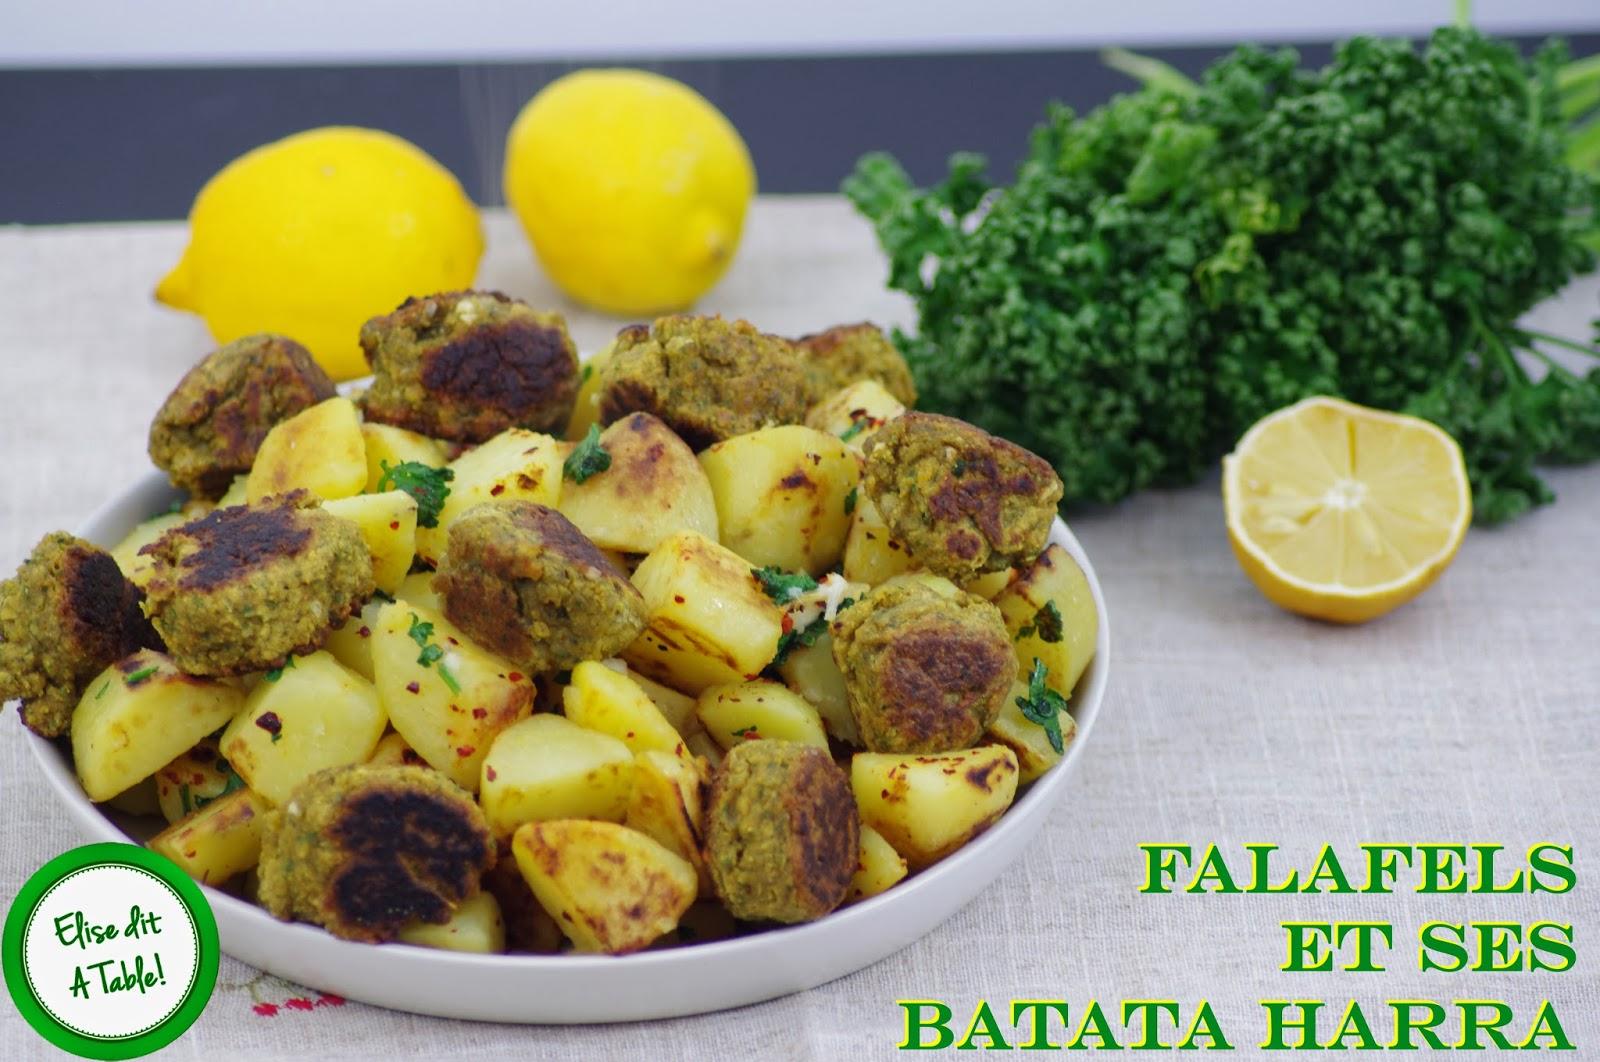 recette Falafels et batata harra